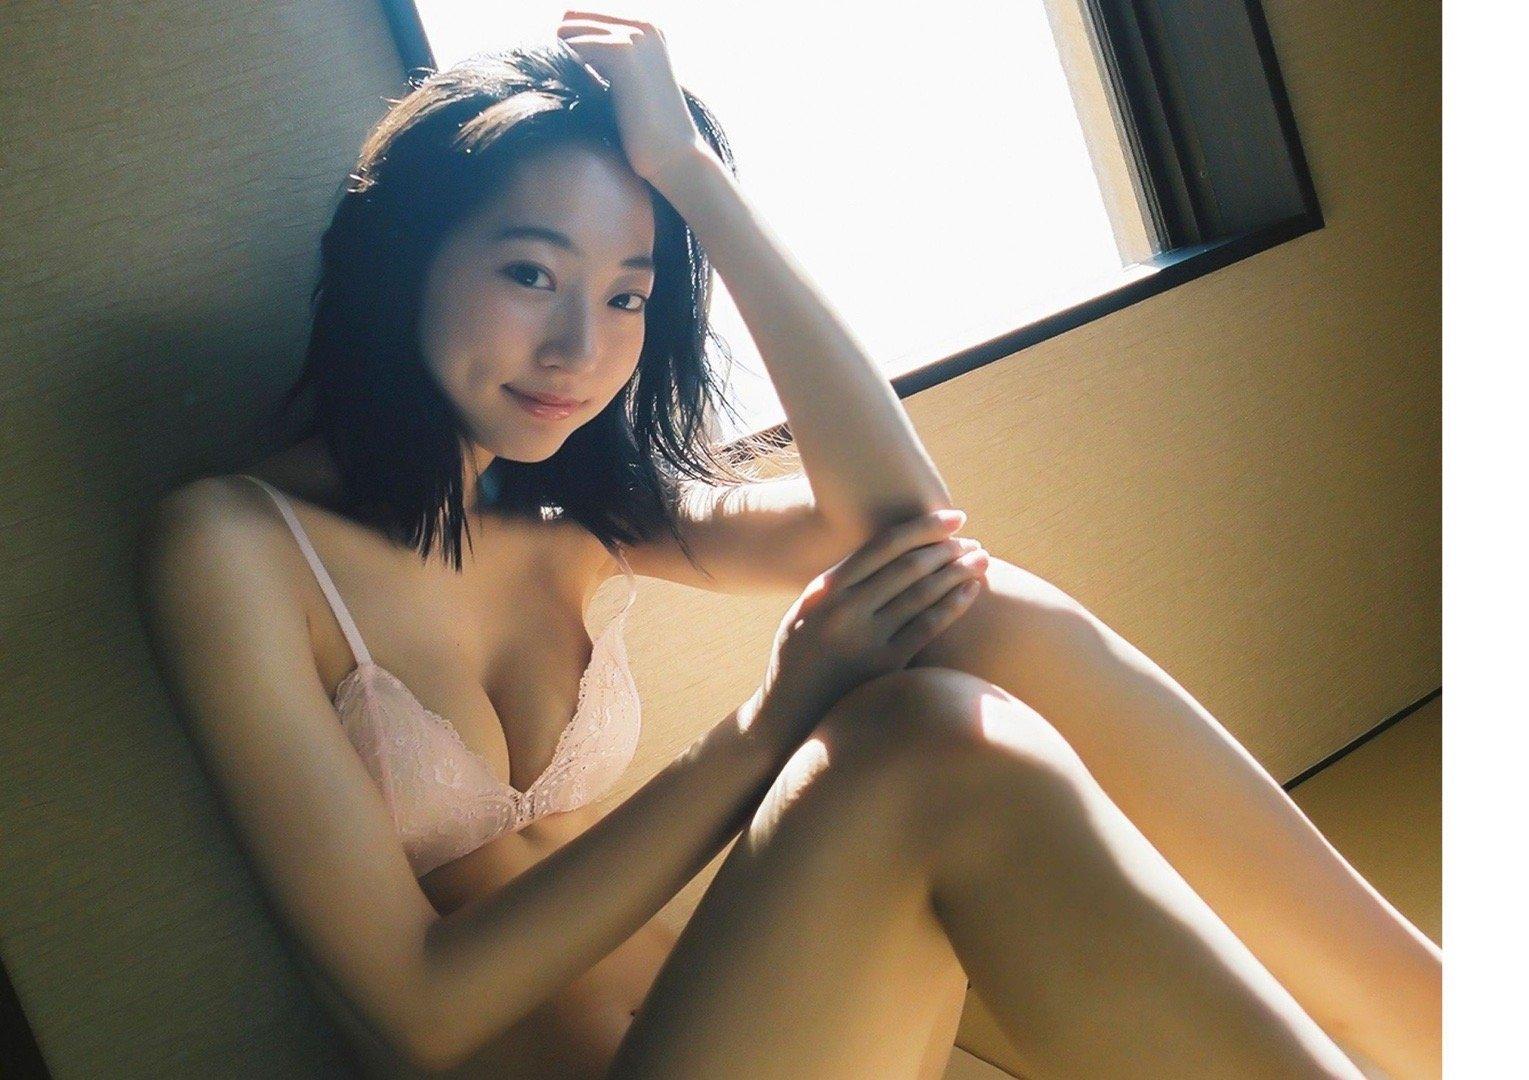 [妹子图]武田玲奈  养眼图片 第2张